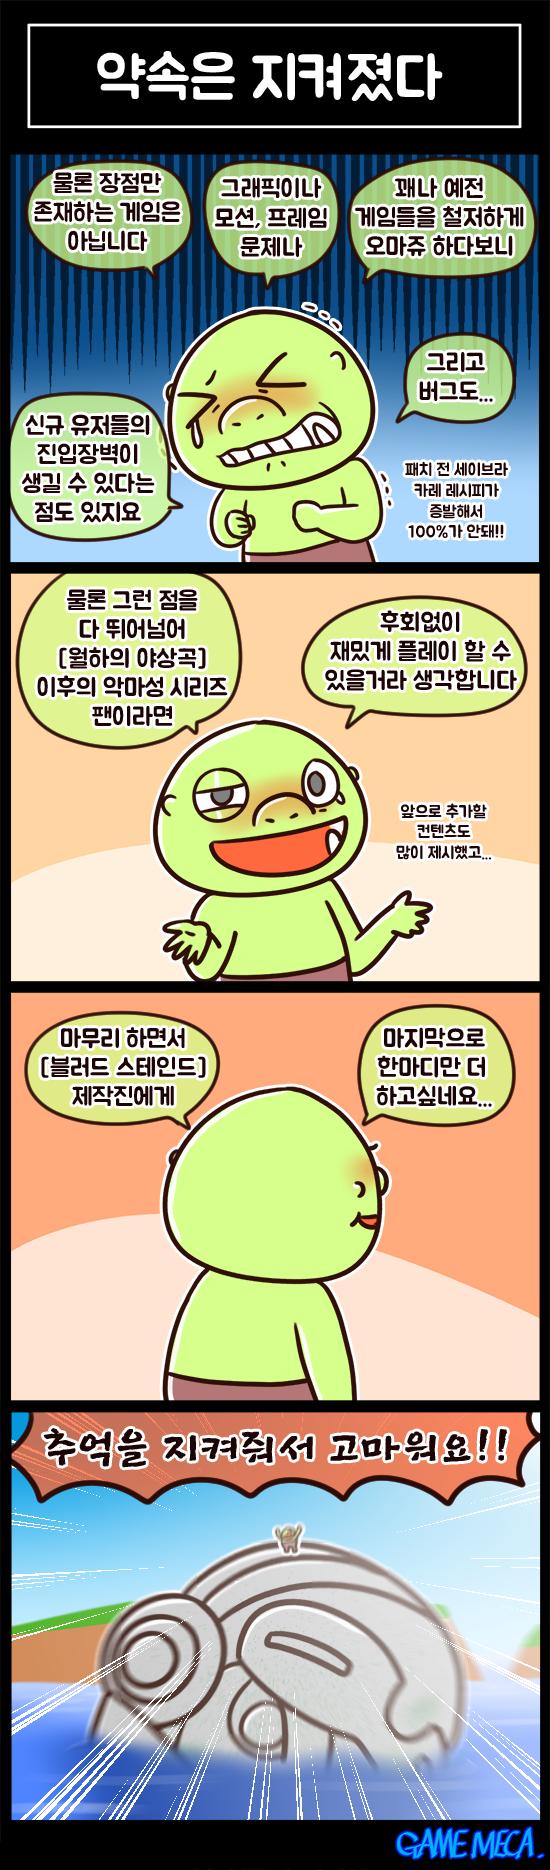 노동8호, 노동팔호, 노팔리뷰